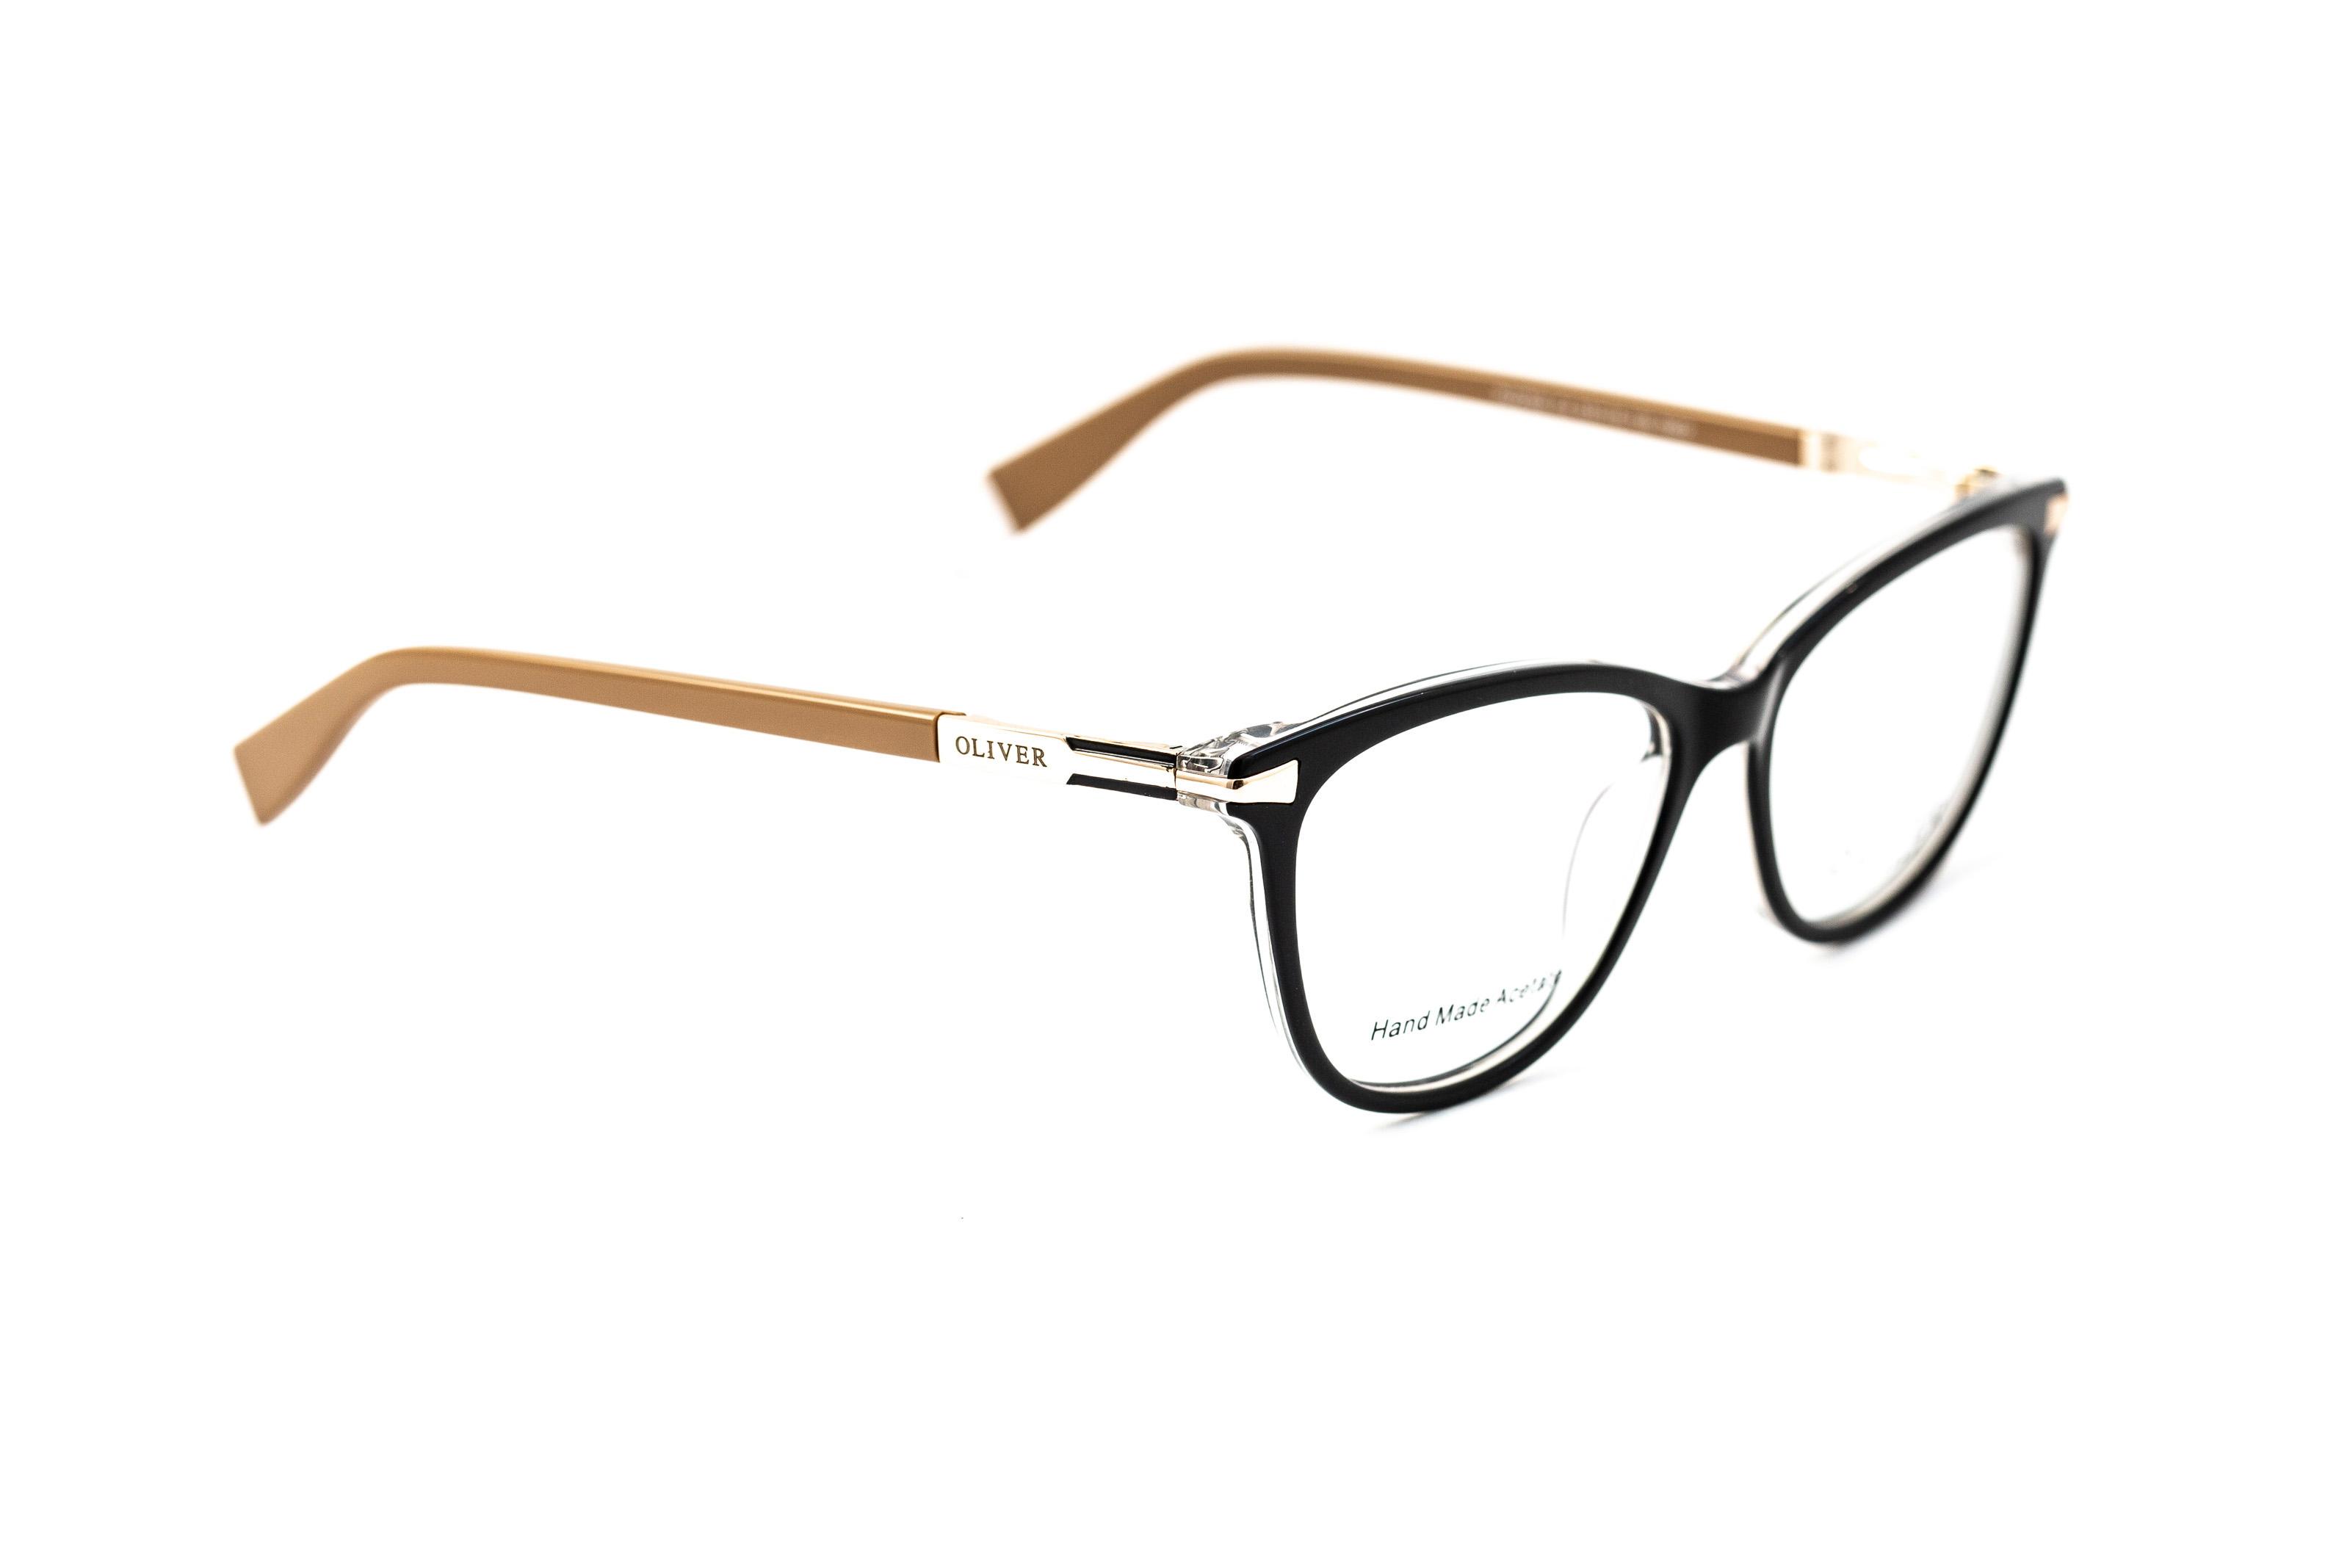 Rama de ochelari Oliver PU2709C4